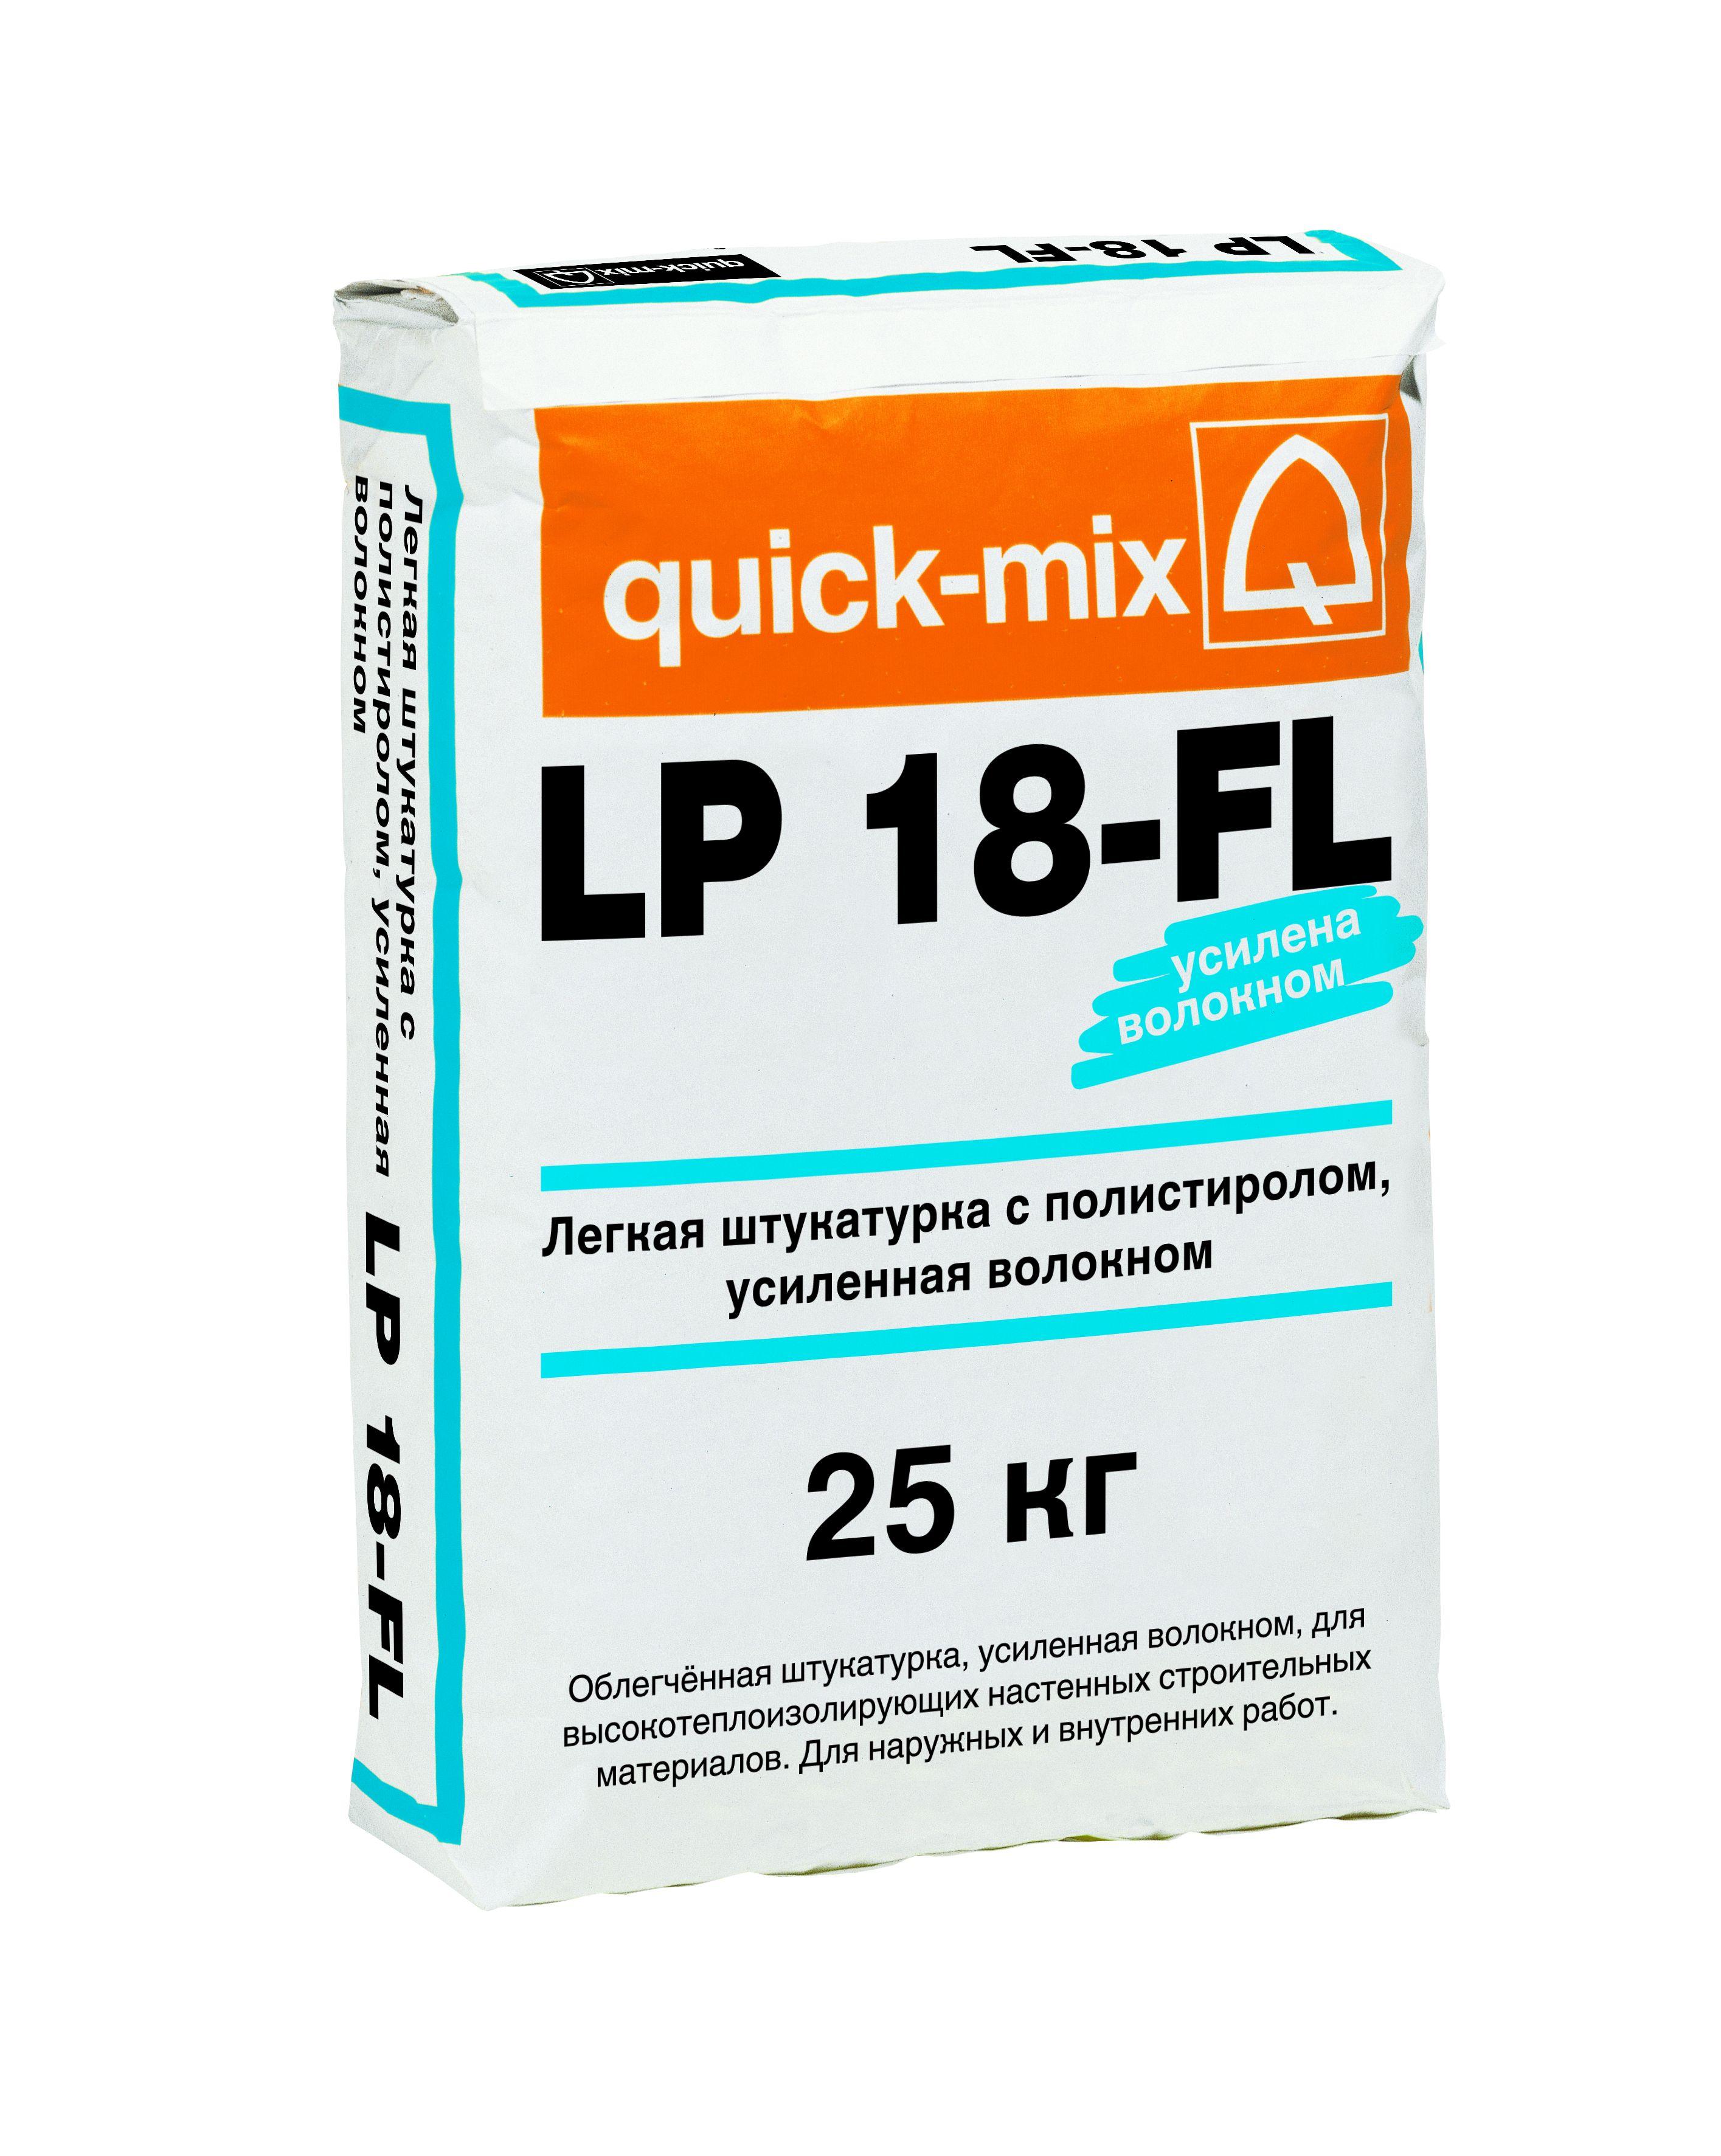 LP 18-FL